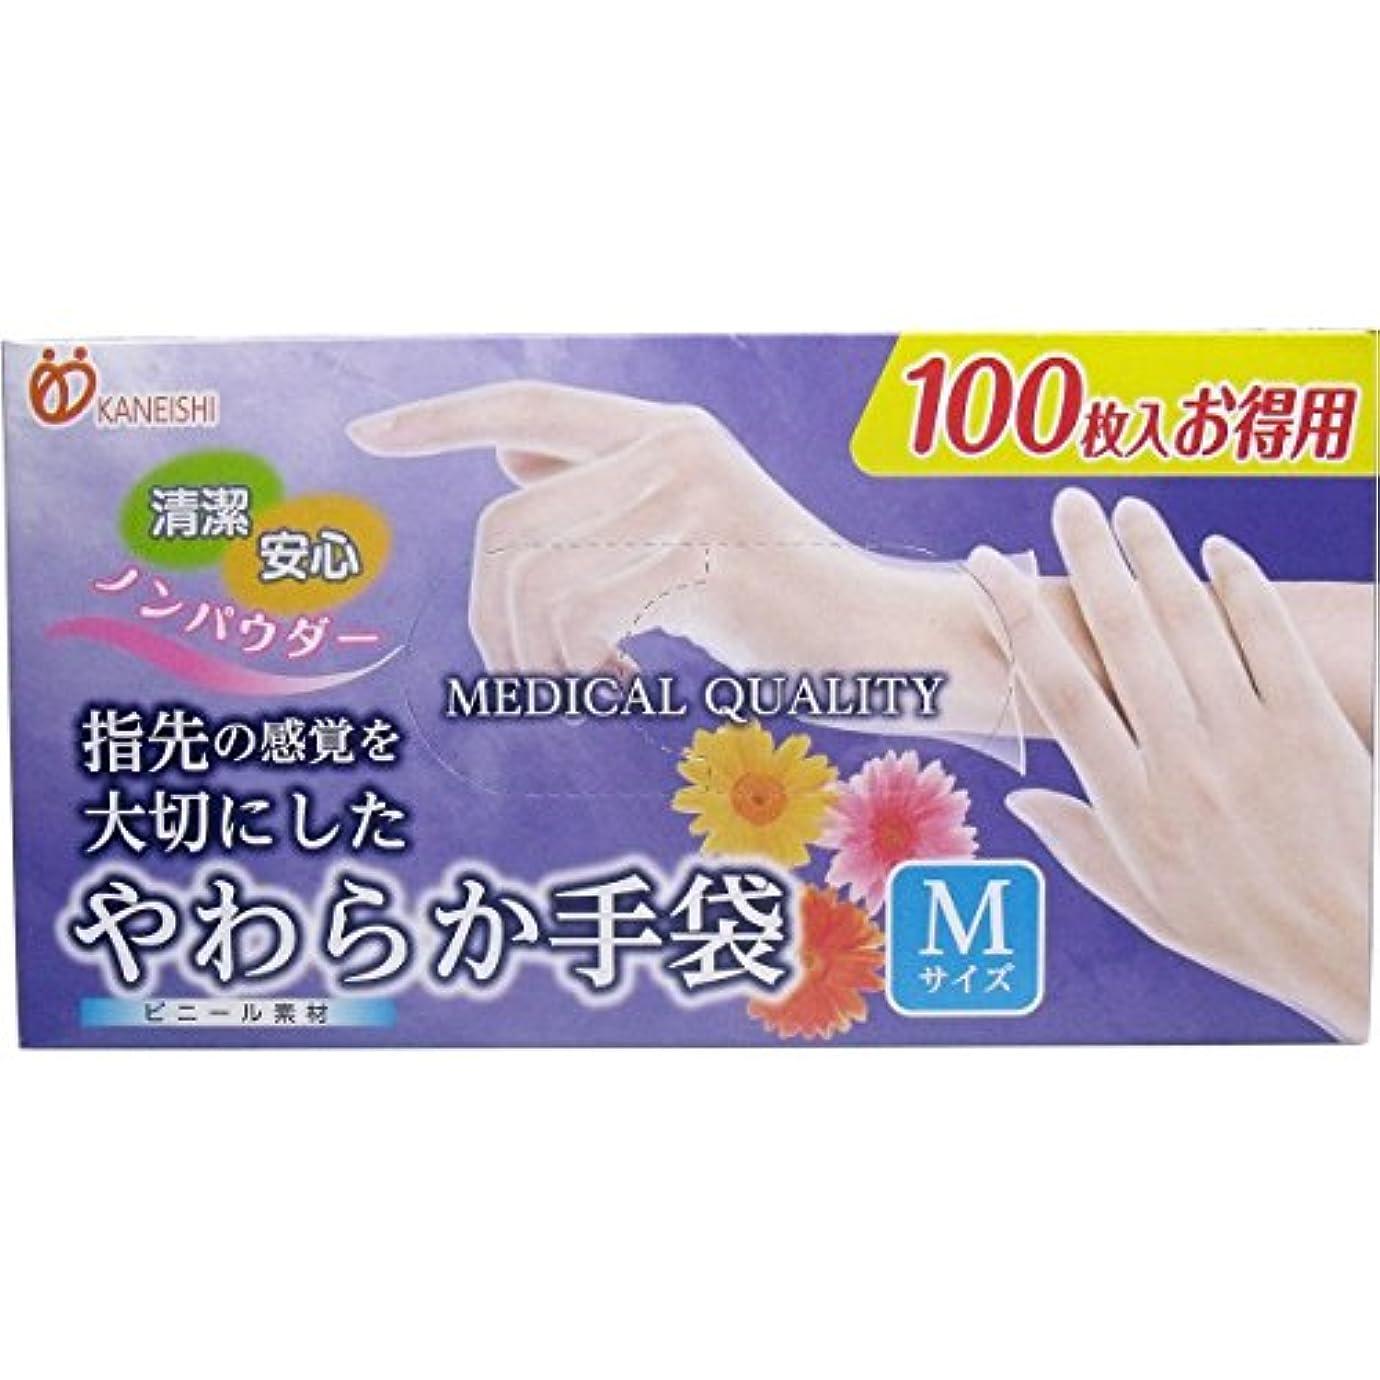 やわらか手袋 ビニール素材 Mサイズ 100枚入x5